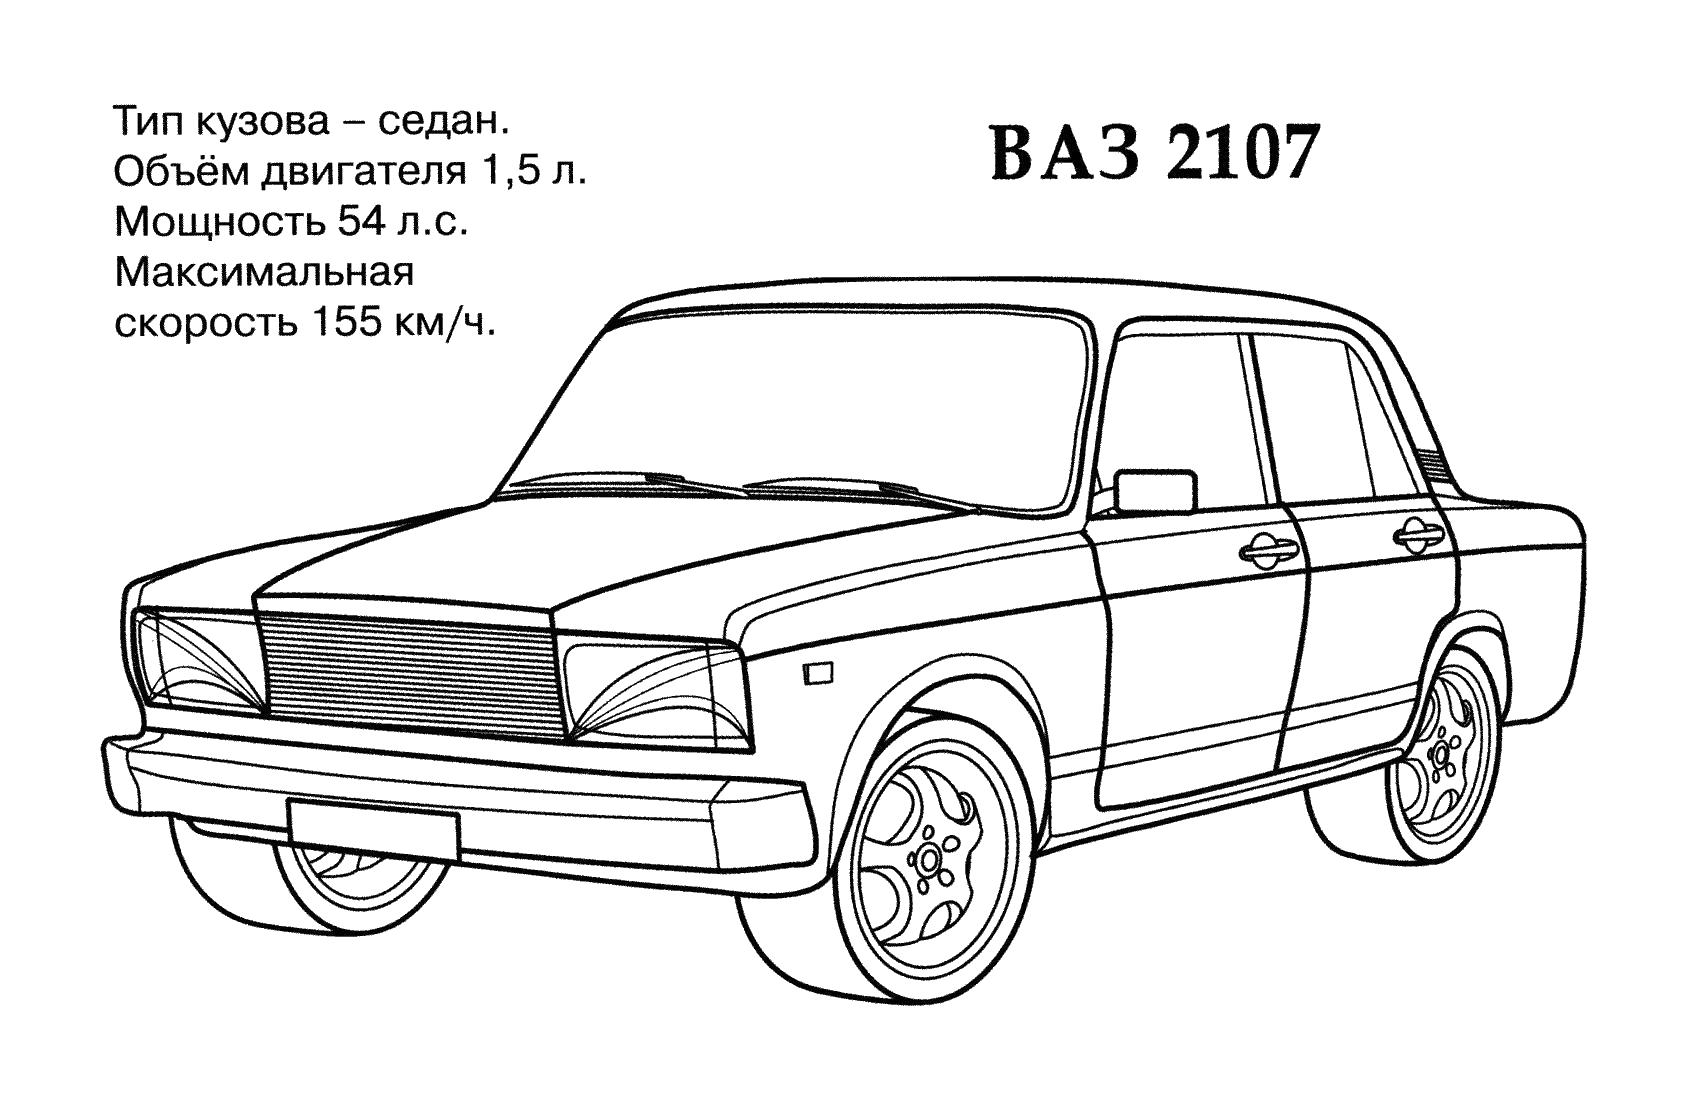 Bmw z3 cabrio бмв кабриолет Распечатать раскраски для ...